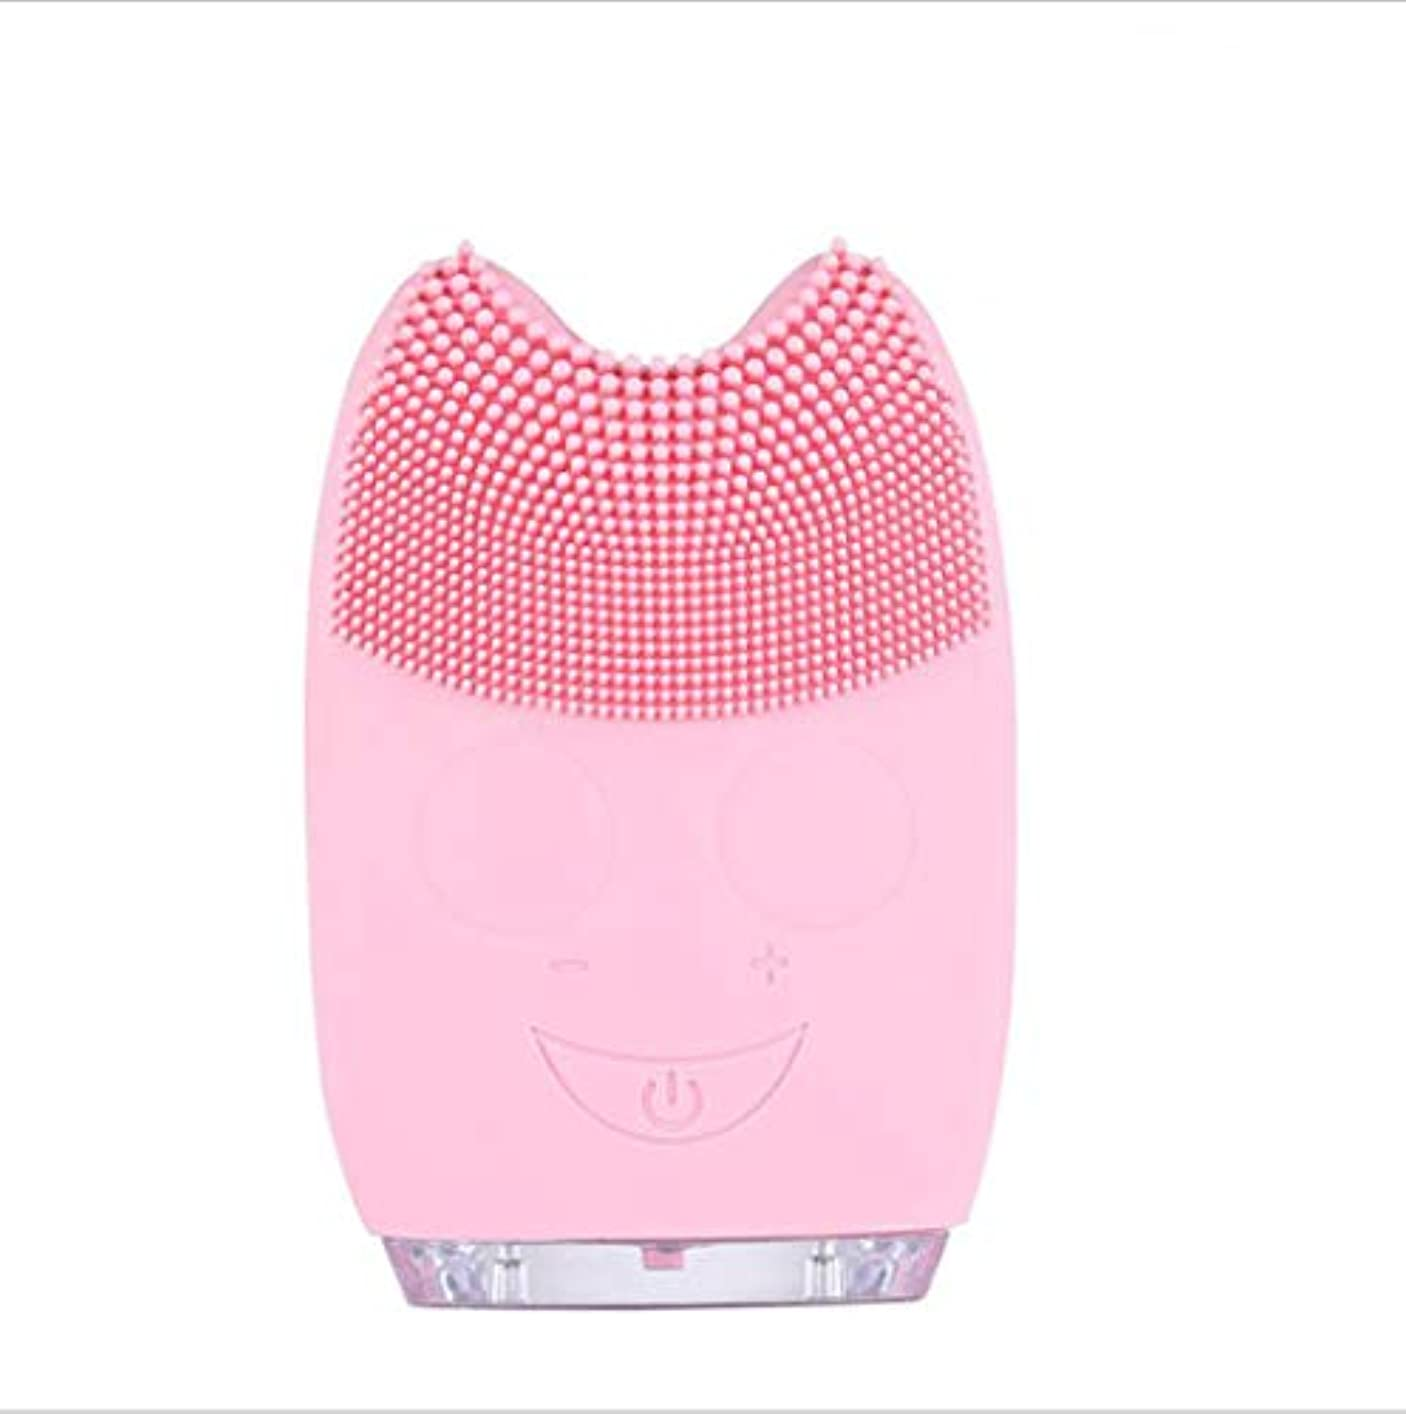 分布アルコール似ているすべての肌のタイプに適した角質除去とアンチエイジング顔マッサージのためのシリコーン電気クレンジングブラシ,Pink